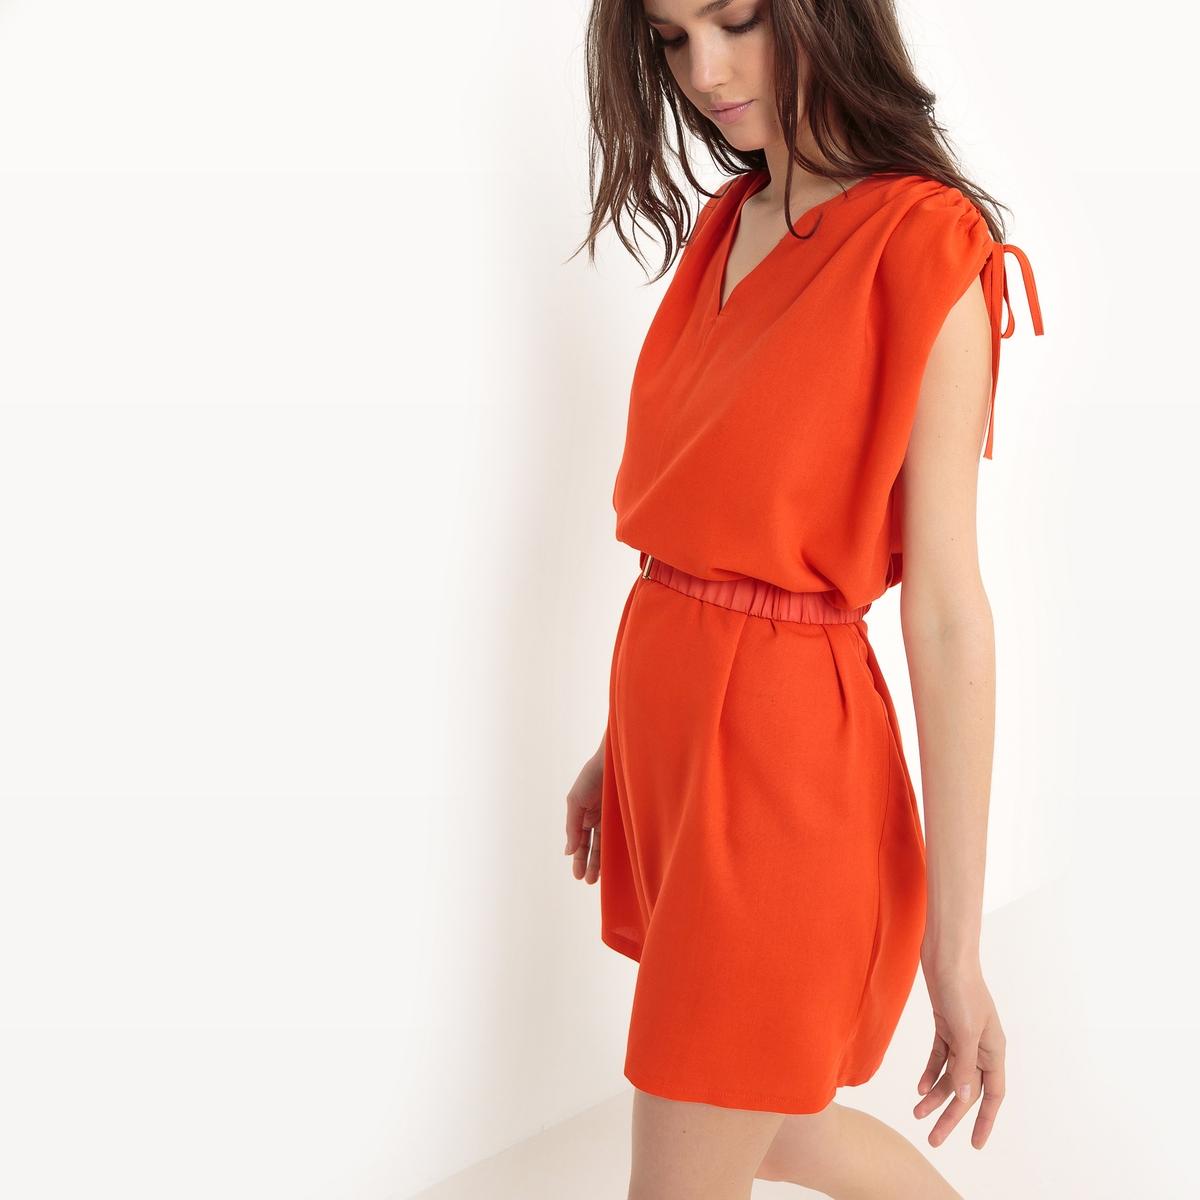 Платье с короткими рукавами, приталенноеДетали   •  Форма :прямая   • Короткое •  Короткие рукава    •   V-образный вырез  Состав и уход •  100% полиэстер  •  Следуйте советам по уходу, указанным на этикетке<br><br>Цвет: оранжевый<br>Размер: S/M